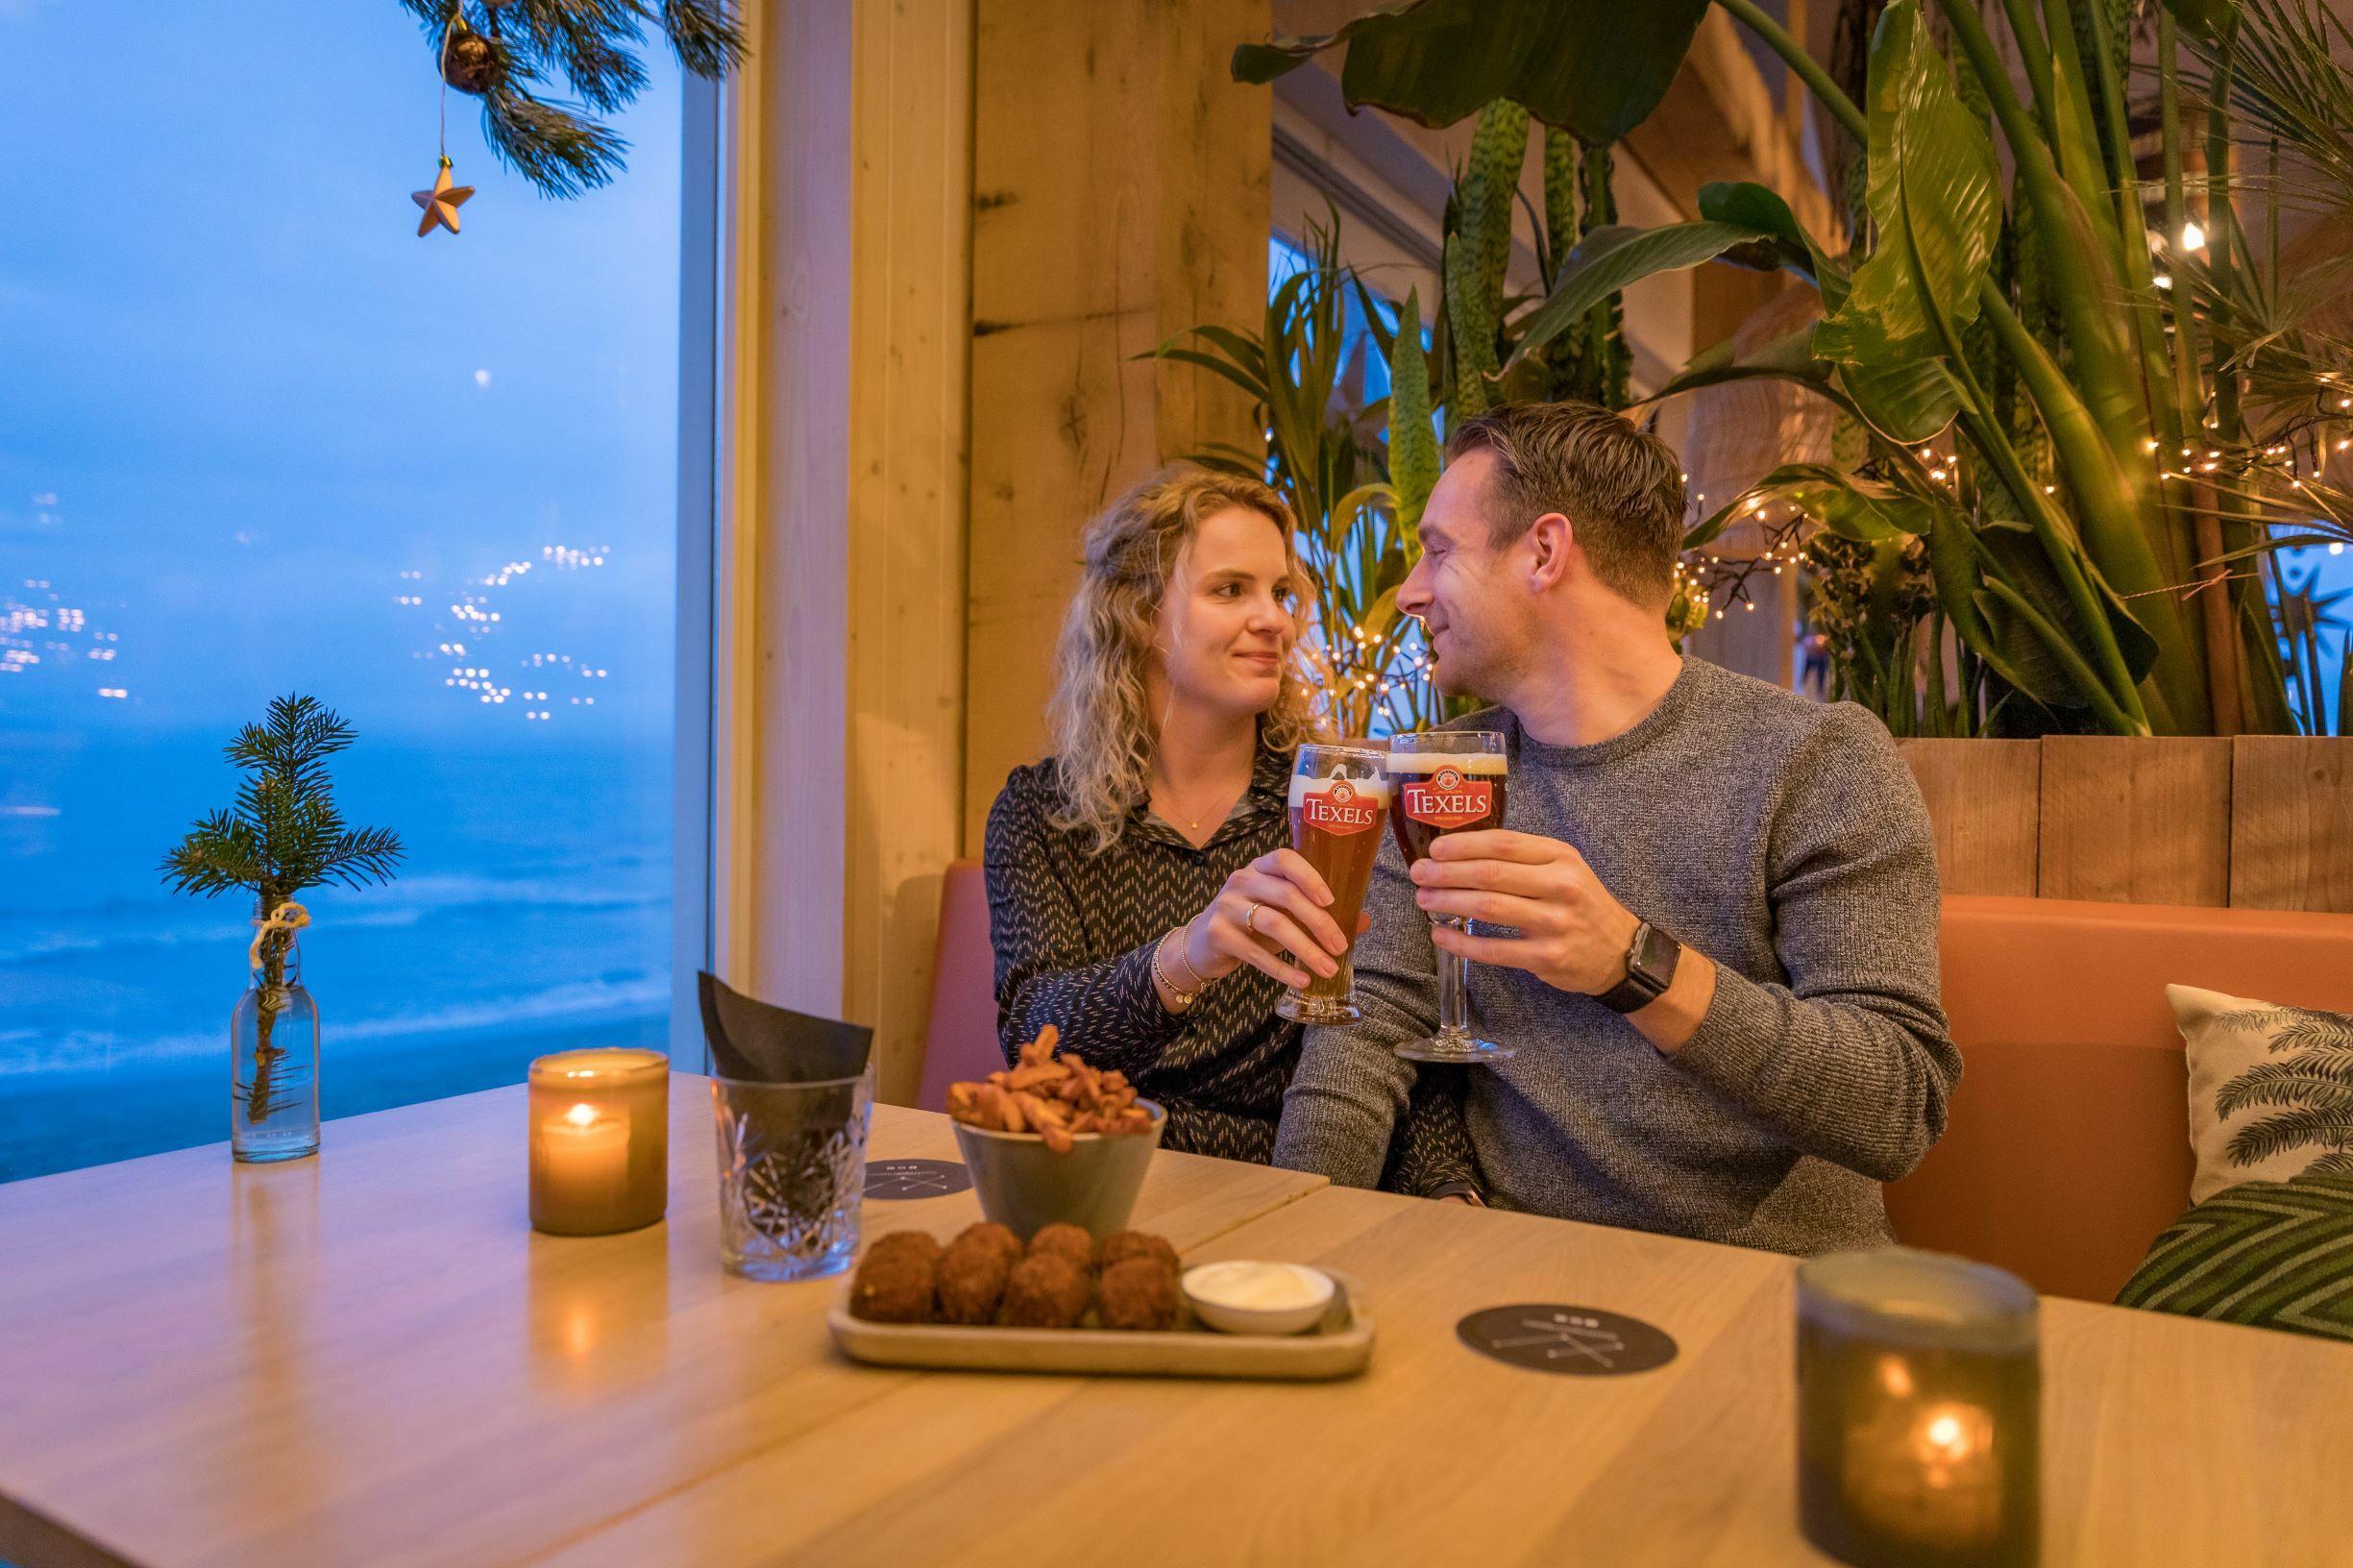 Stel met Texels biertje bij Gastropaviljoen XV VVV Texel fotograaf Evalien Weterings 4